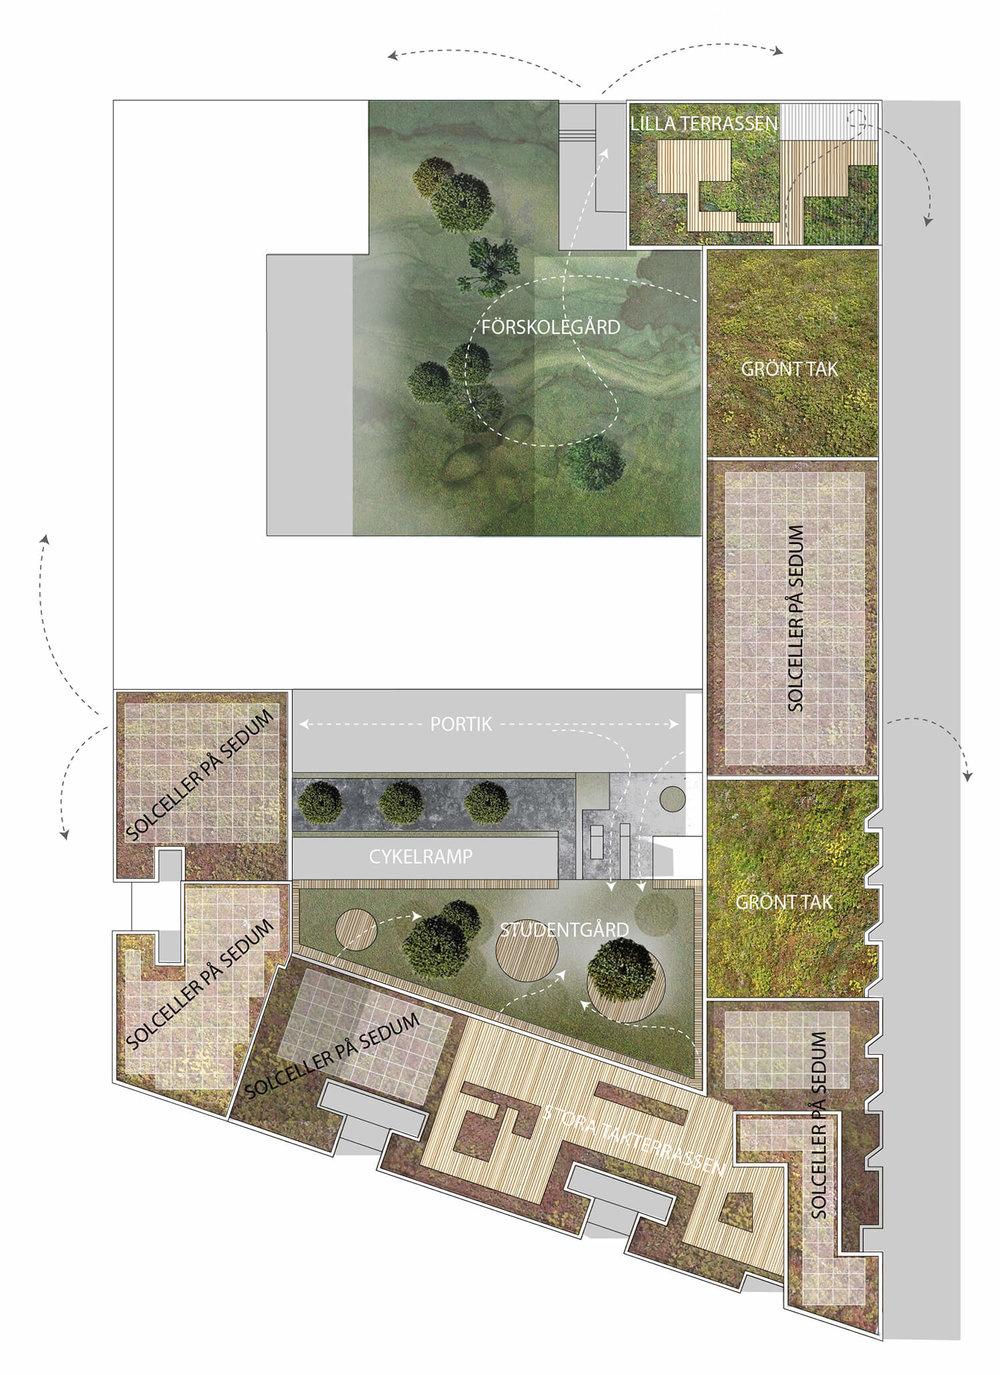 gröna tak för stora och små - På tak och gård möts ekologisk- och social hållbarhet. Vi blandar gröna tak med mycket växtlighet (i upphöjda bäddar för ordentligt jorddjup) och solceller på sedumtak med spännande takterasser där man lätt hittar sin egen lilla plats även om många delar på platsen. Taken är